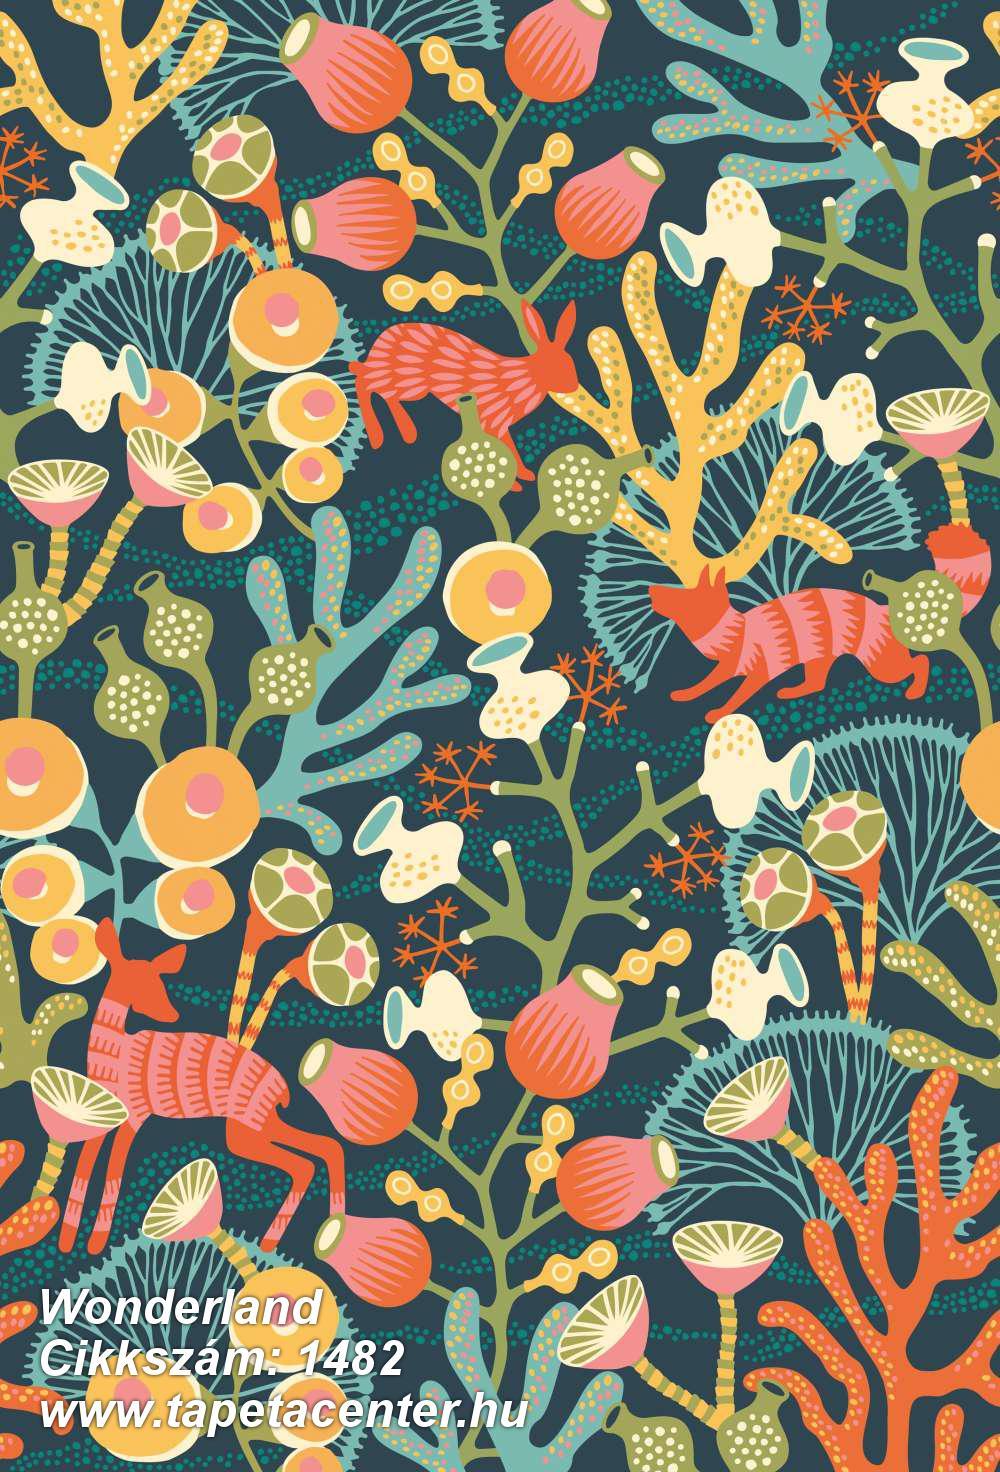 Absztrakt,állatok,gyerek,rajzolt,természeti mintás,virágmintás,barna,kék,narancs-terrakotta,piros-bordó,sárga,türkiz,zöld,vlies panel